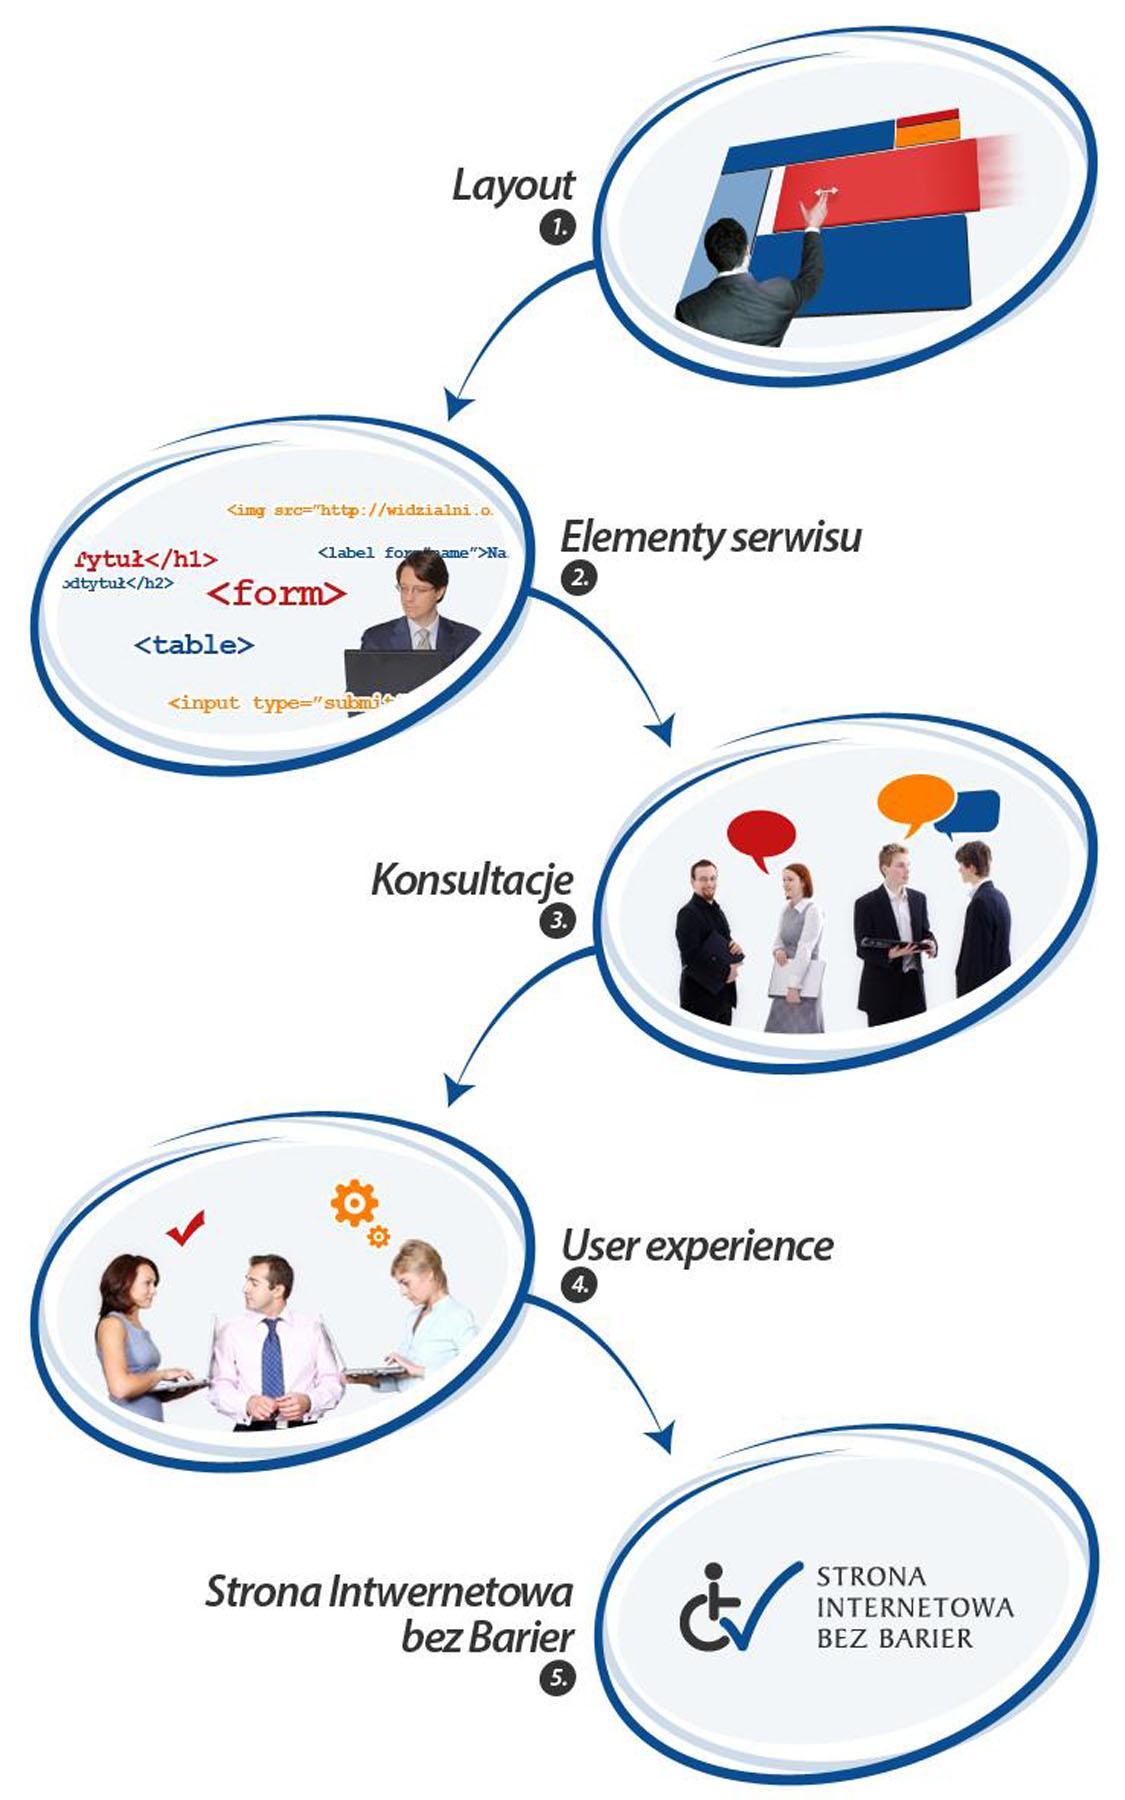 Etapy tworzenia dostępnej strony www: 1. Stworzenie layoutu, 2. Programowanie, 3. Konsultacje, 4. User Experience, 5. Przyznanie oznaczenia Strona Internetowa bez Barier